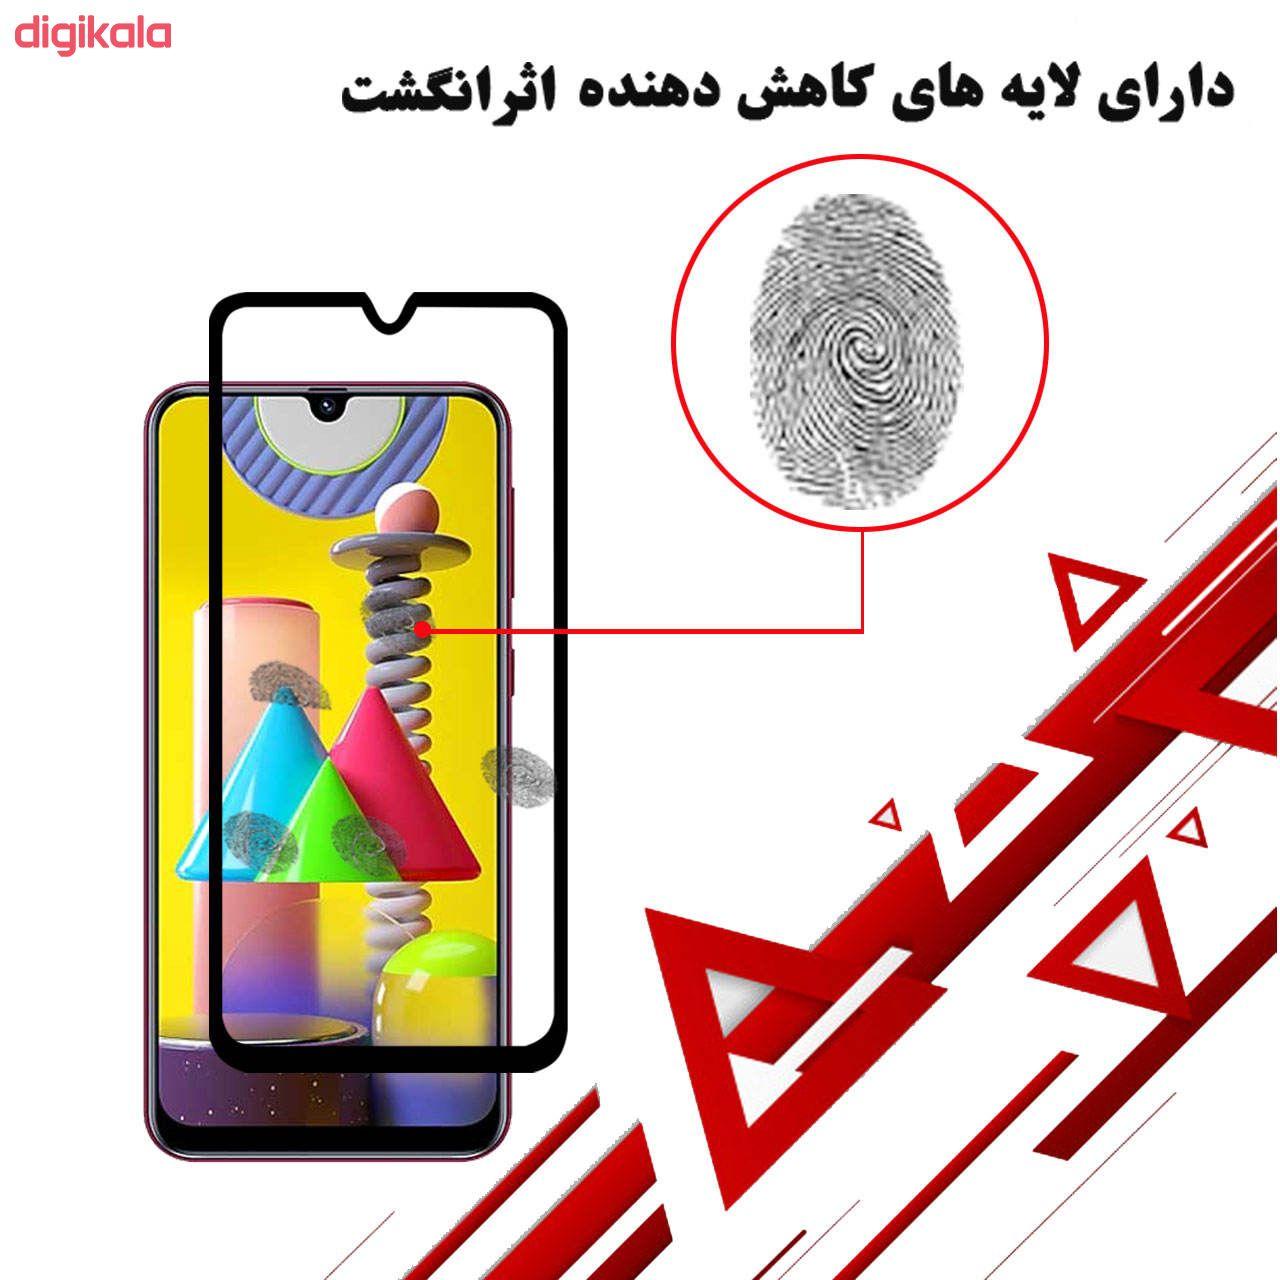 محافظ صفحه نمایش فوکس مدل PT001 مناسب برای گوشی موبایل سامسونگ Galaxy M31 main 1 8